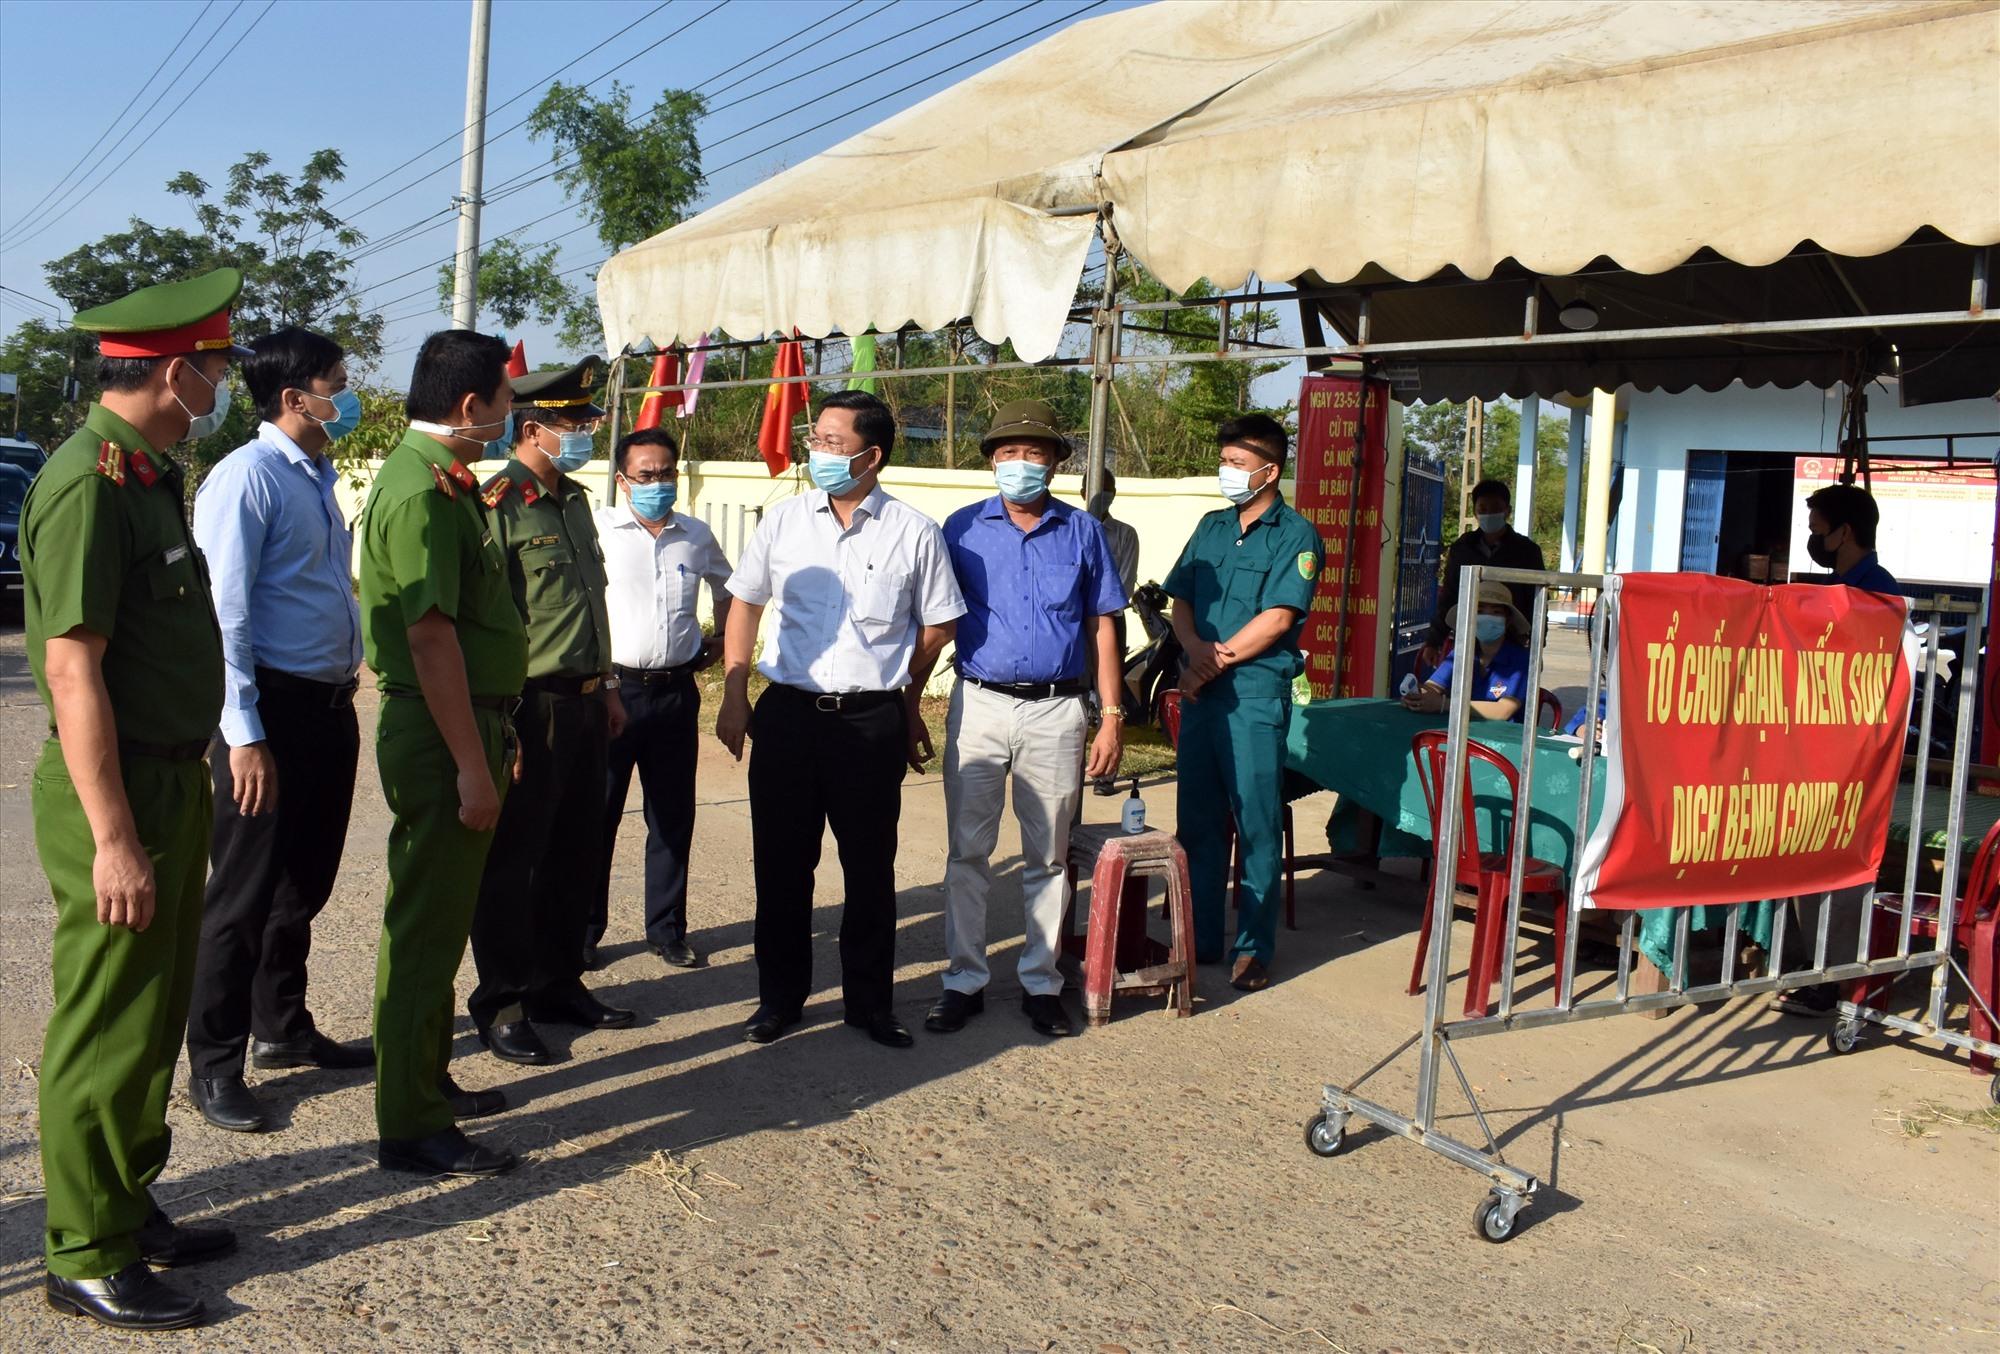 Các chốt kiểm soát vùng giáp ranh TP.Đà Nẵng sẽ giúp quản lý hiệu quả số người, phương tiện ra vào Điện Bàn và tỉnh Quảng Nam